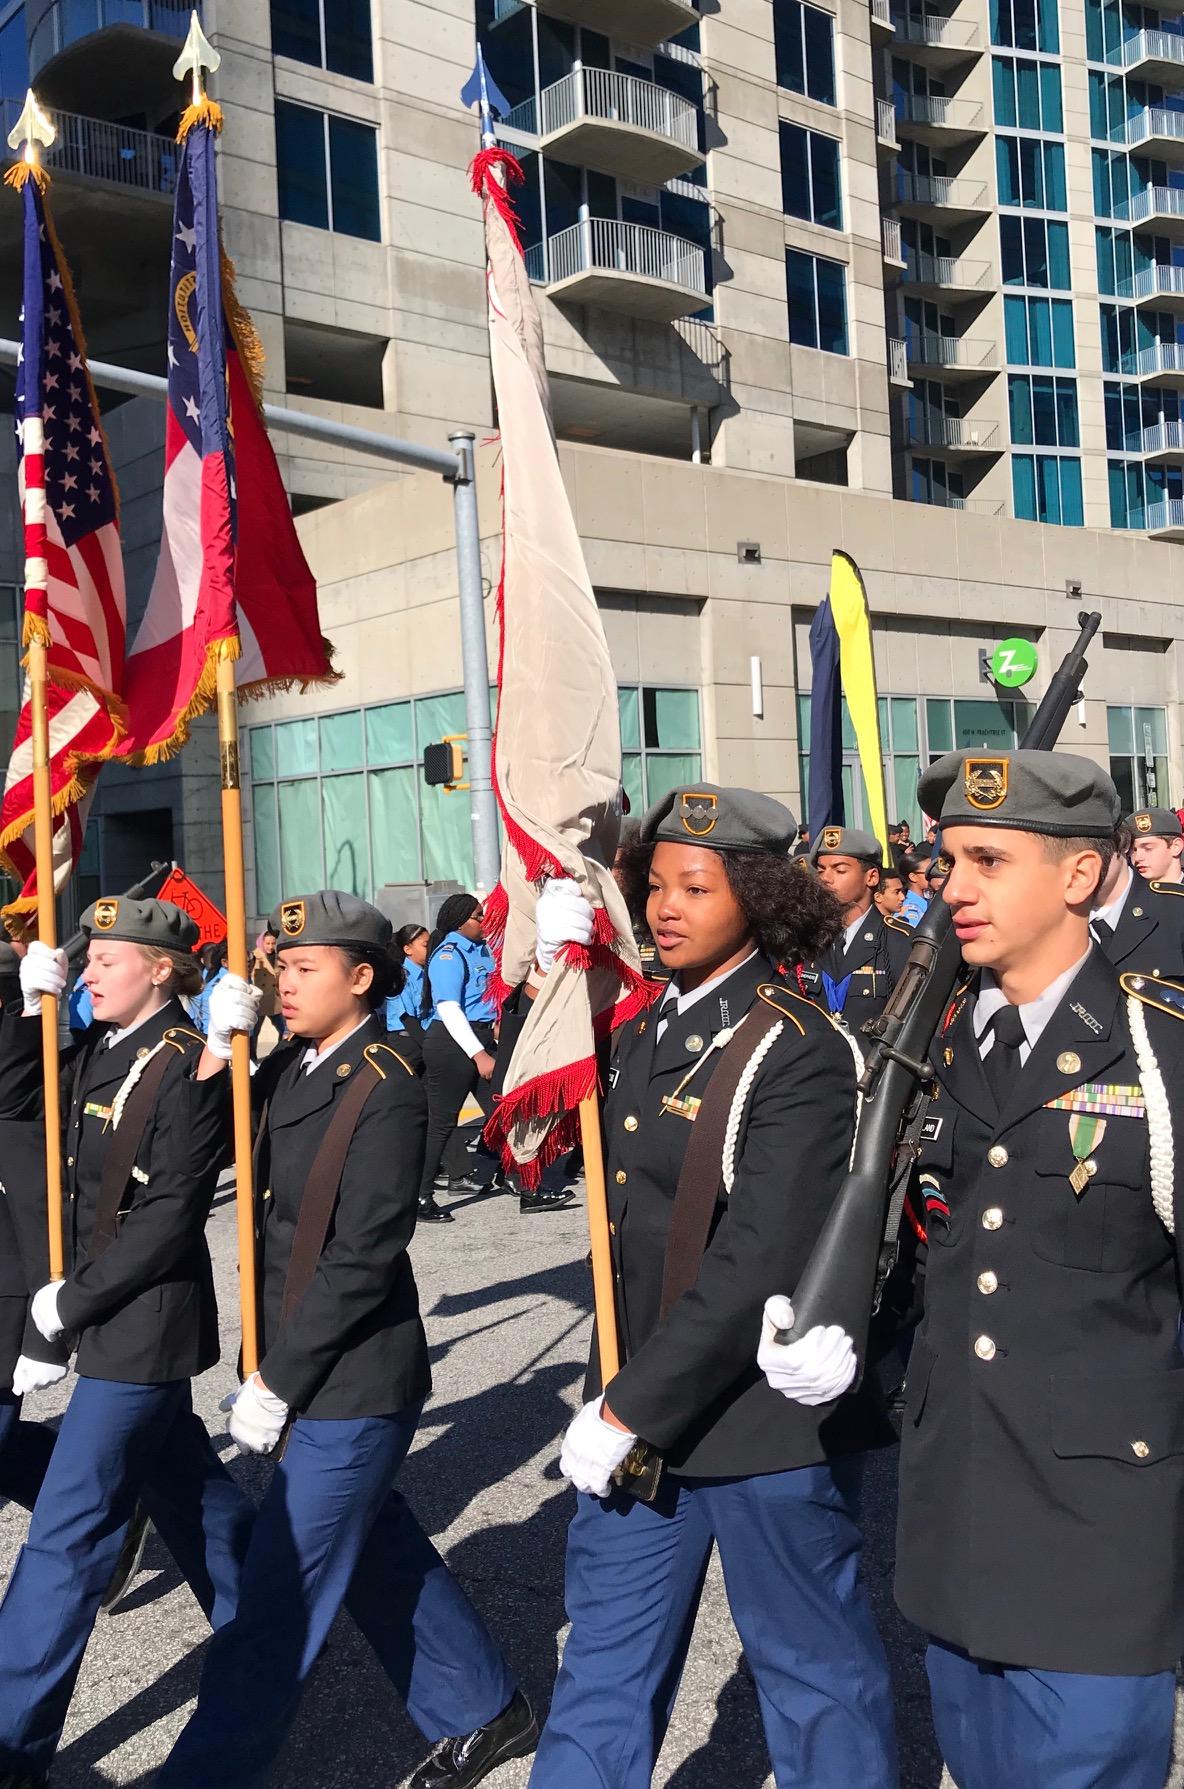 VeteransDayParade2019_14